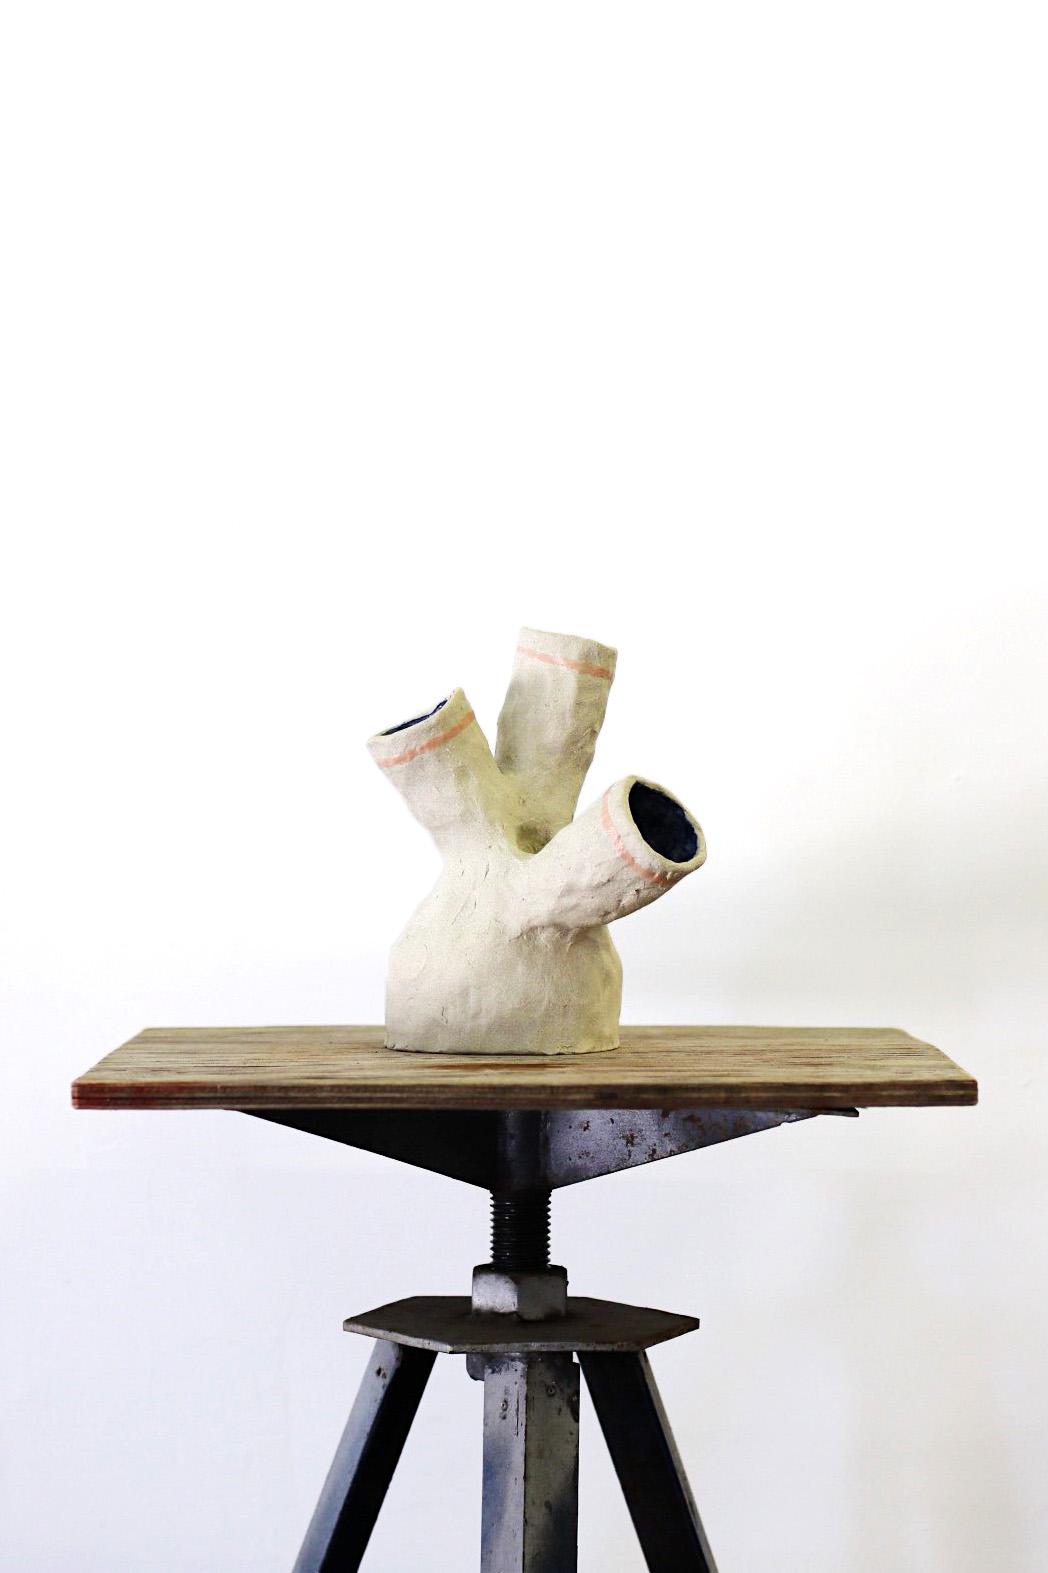 Peta Berghofer, Newly Formed, Ventricle Vase, 2017.jpg